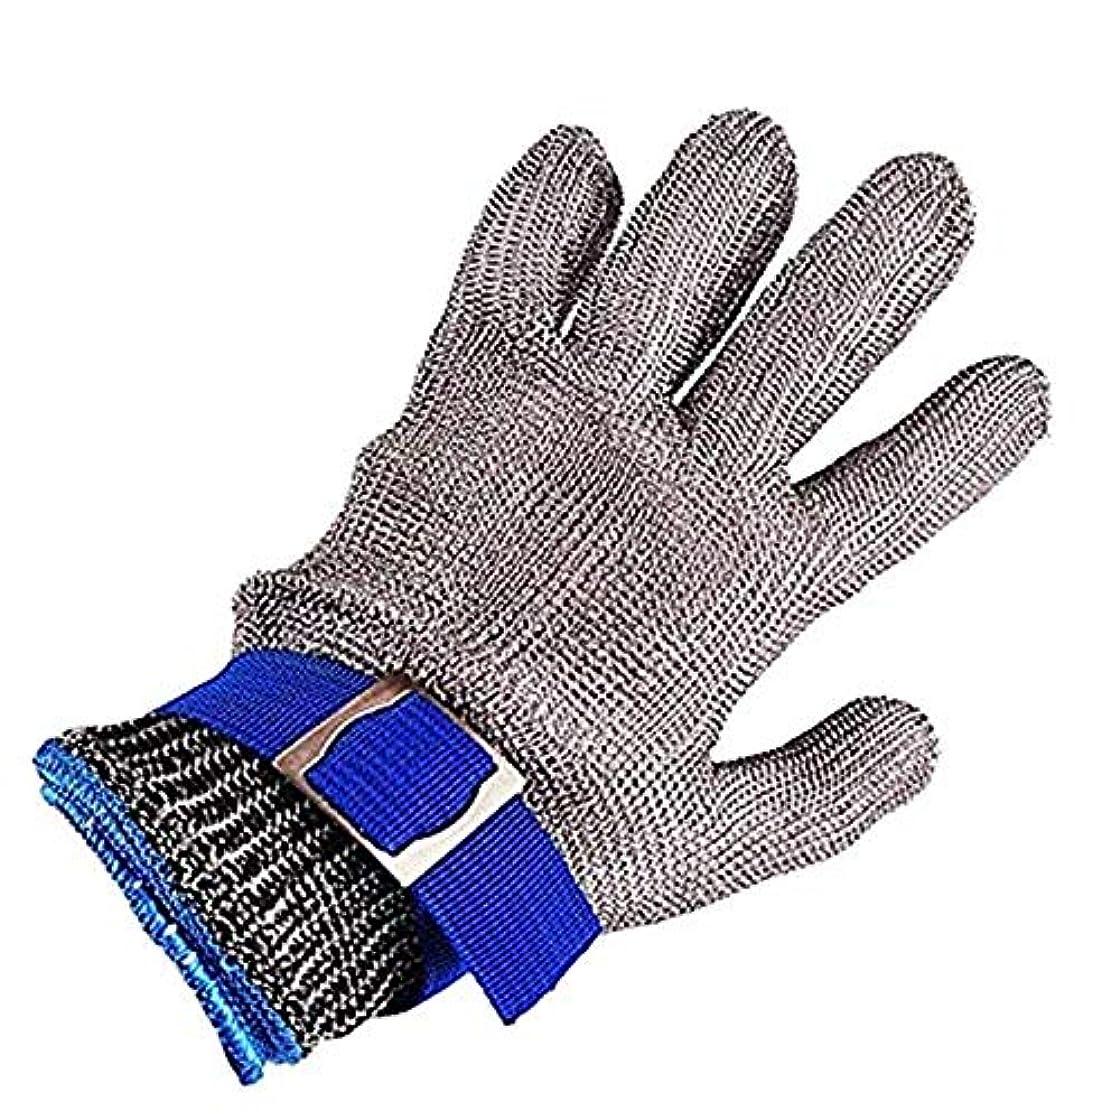 岩層検査官カット性手袋、つや消しステンレススチールワイヤーメッシュブッチャー安全作業手袋、レベル5カット保護食品グレードメタルチェーングローブ,S